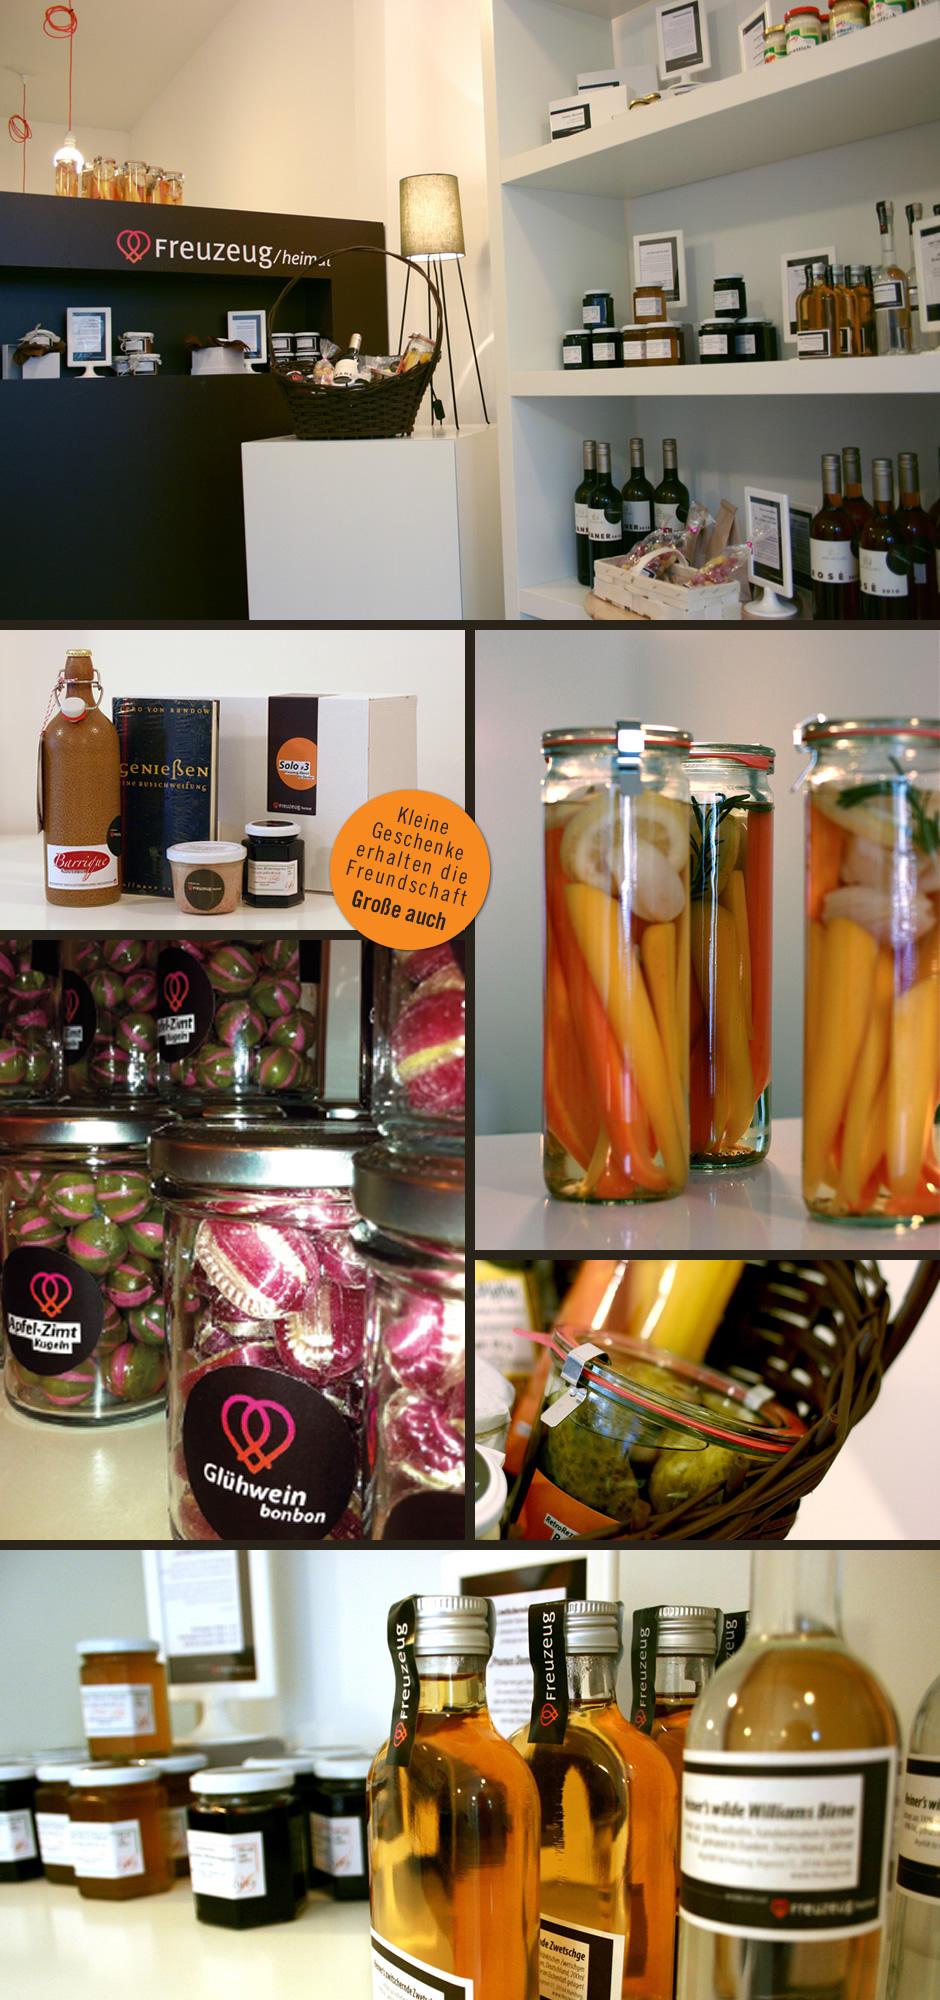 Bilder aus dem Laden von Freuzeug/heimat in der Bogenstraße 11 in Hamburg